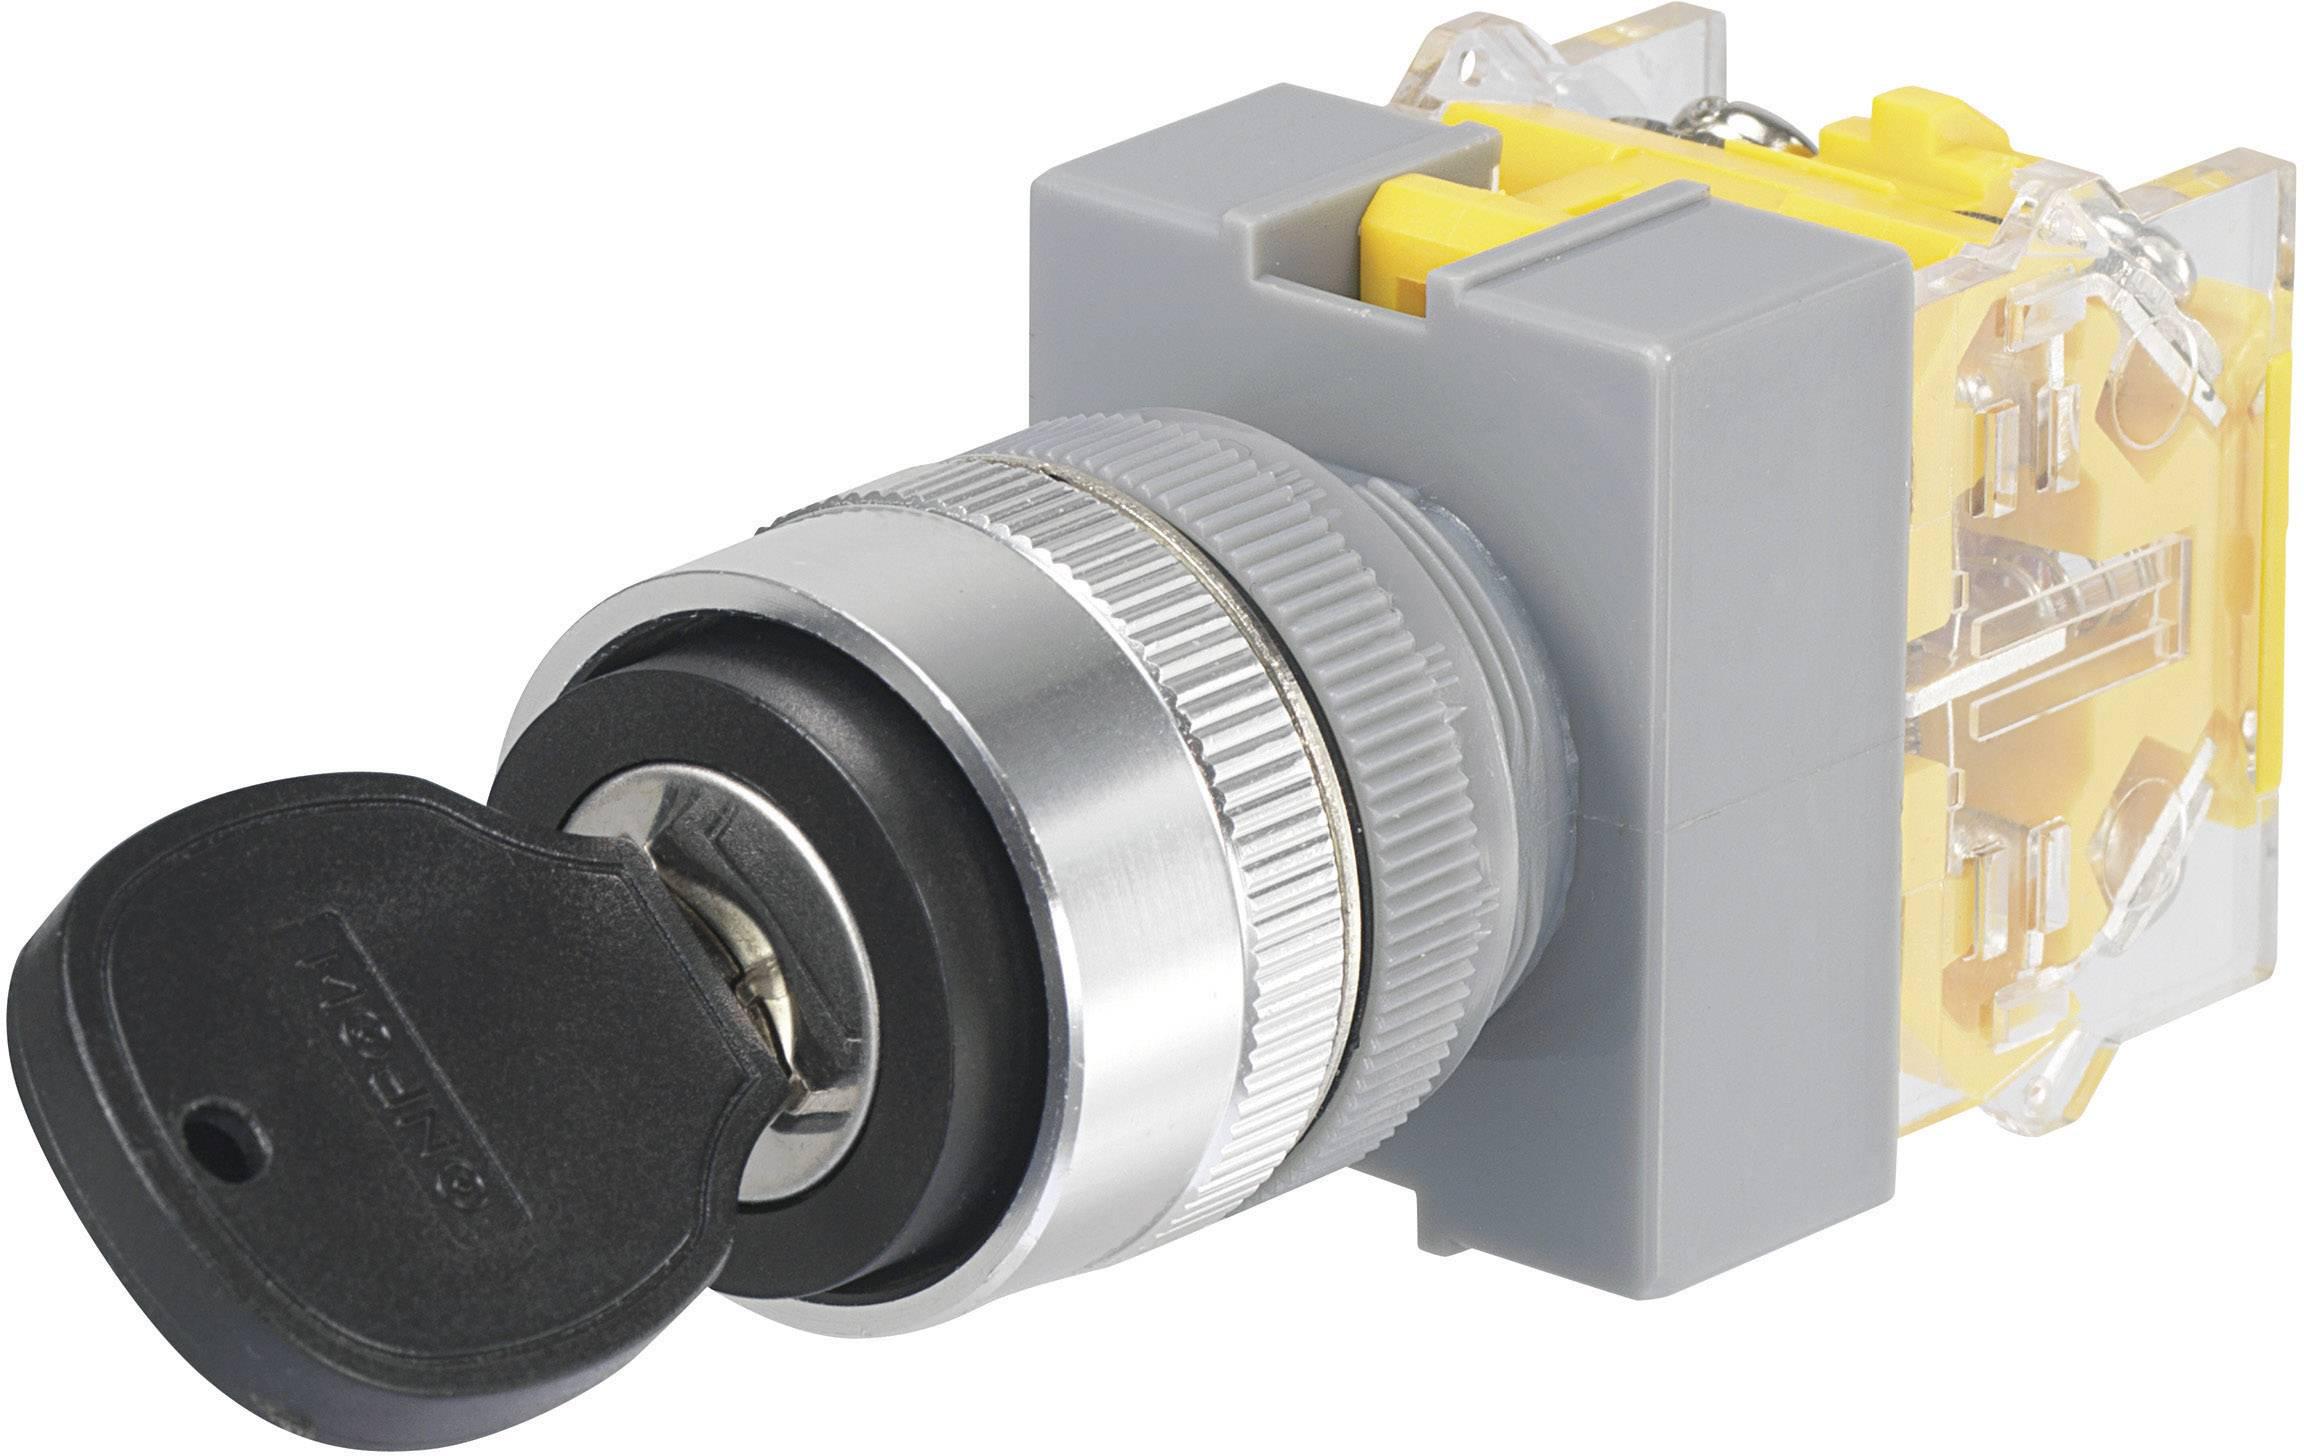 Kľúčový spínač TRU COMPONENTS Y090-A-20Y/31 704509, 250 V/AC, 5 A, 1x zap/vyp/zap, 2 x 45 °, IP40, 1 ks